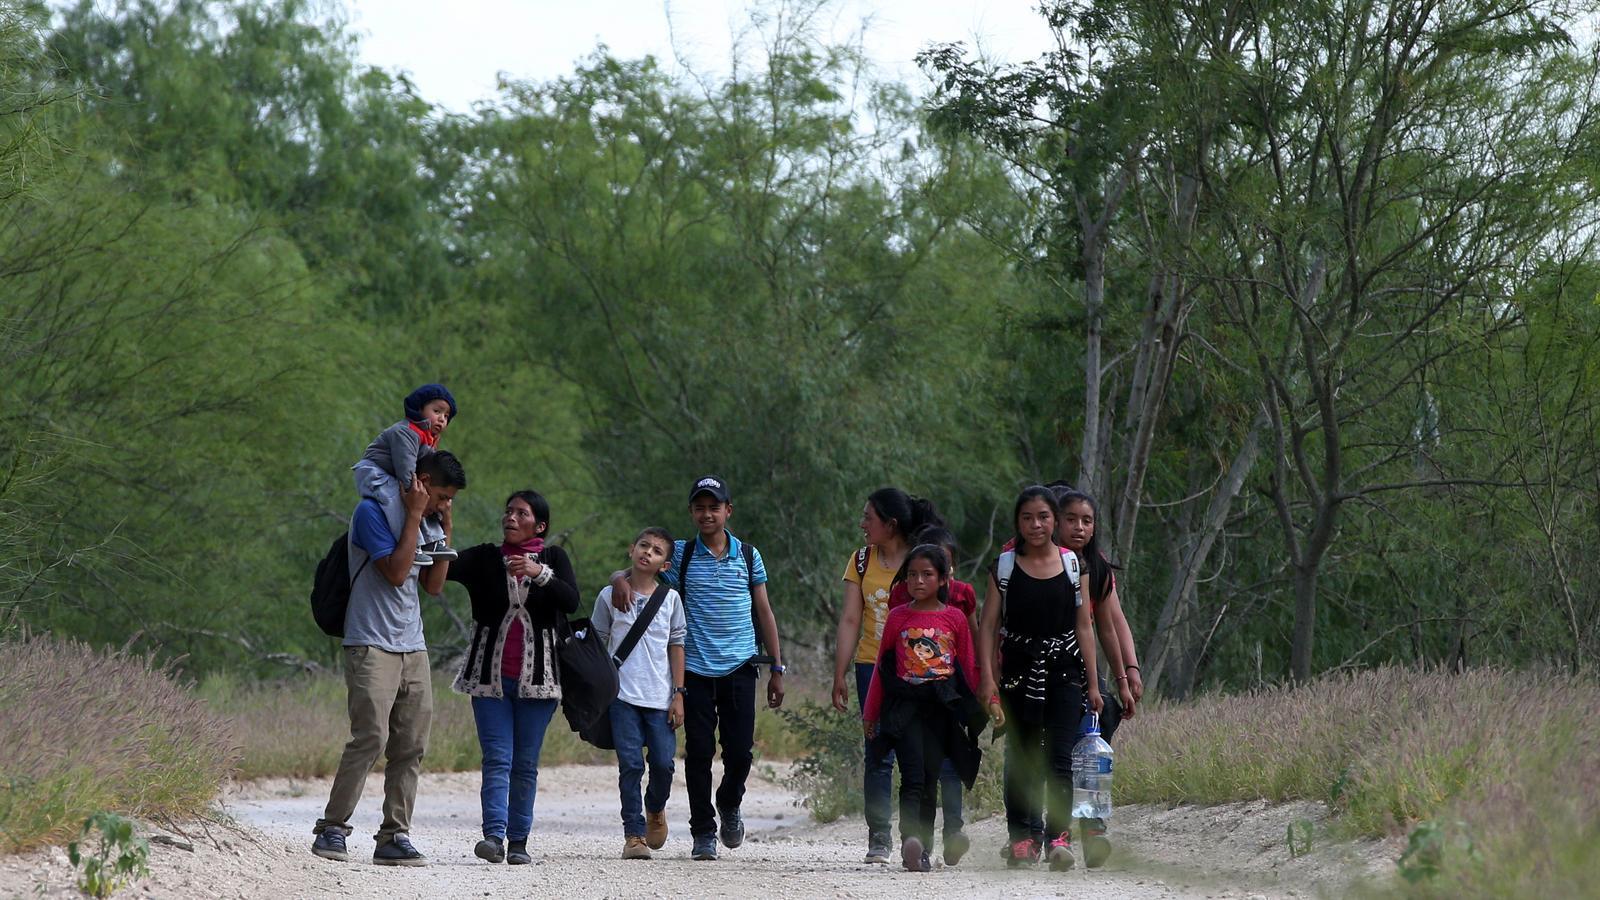 Separar els fills dels pares: la nova política de Trump per aterrir els refugiats